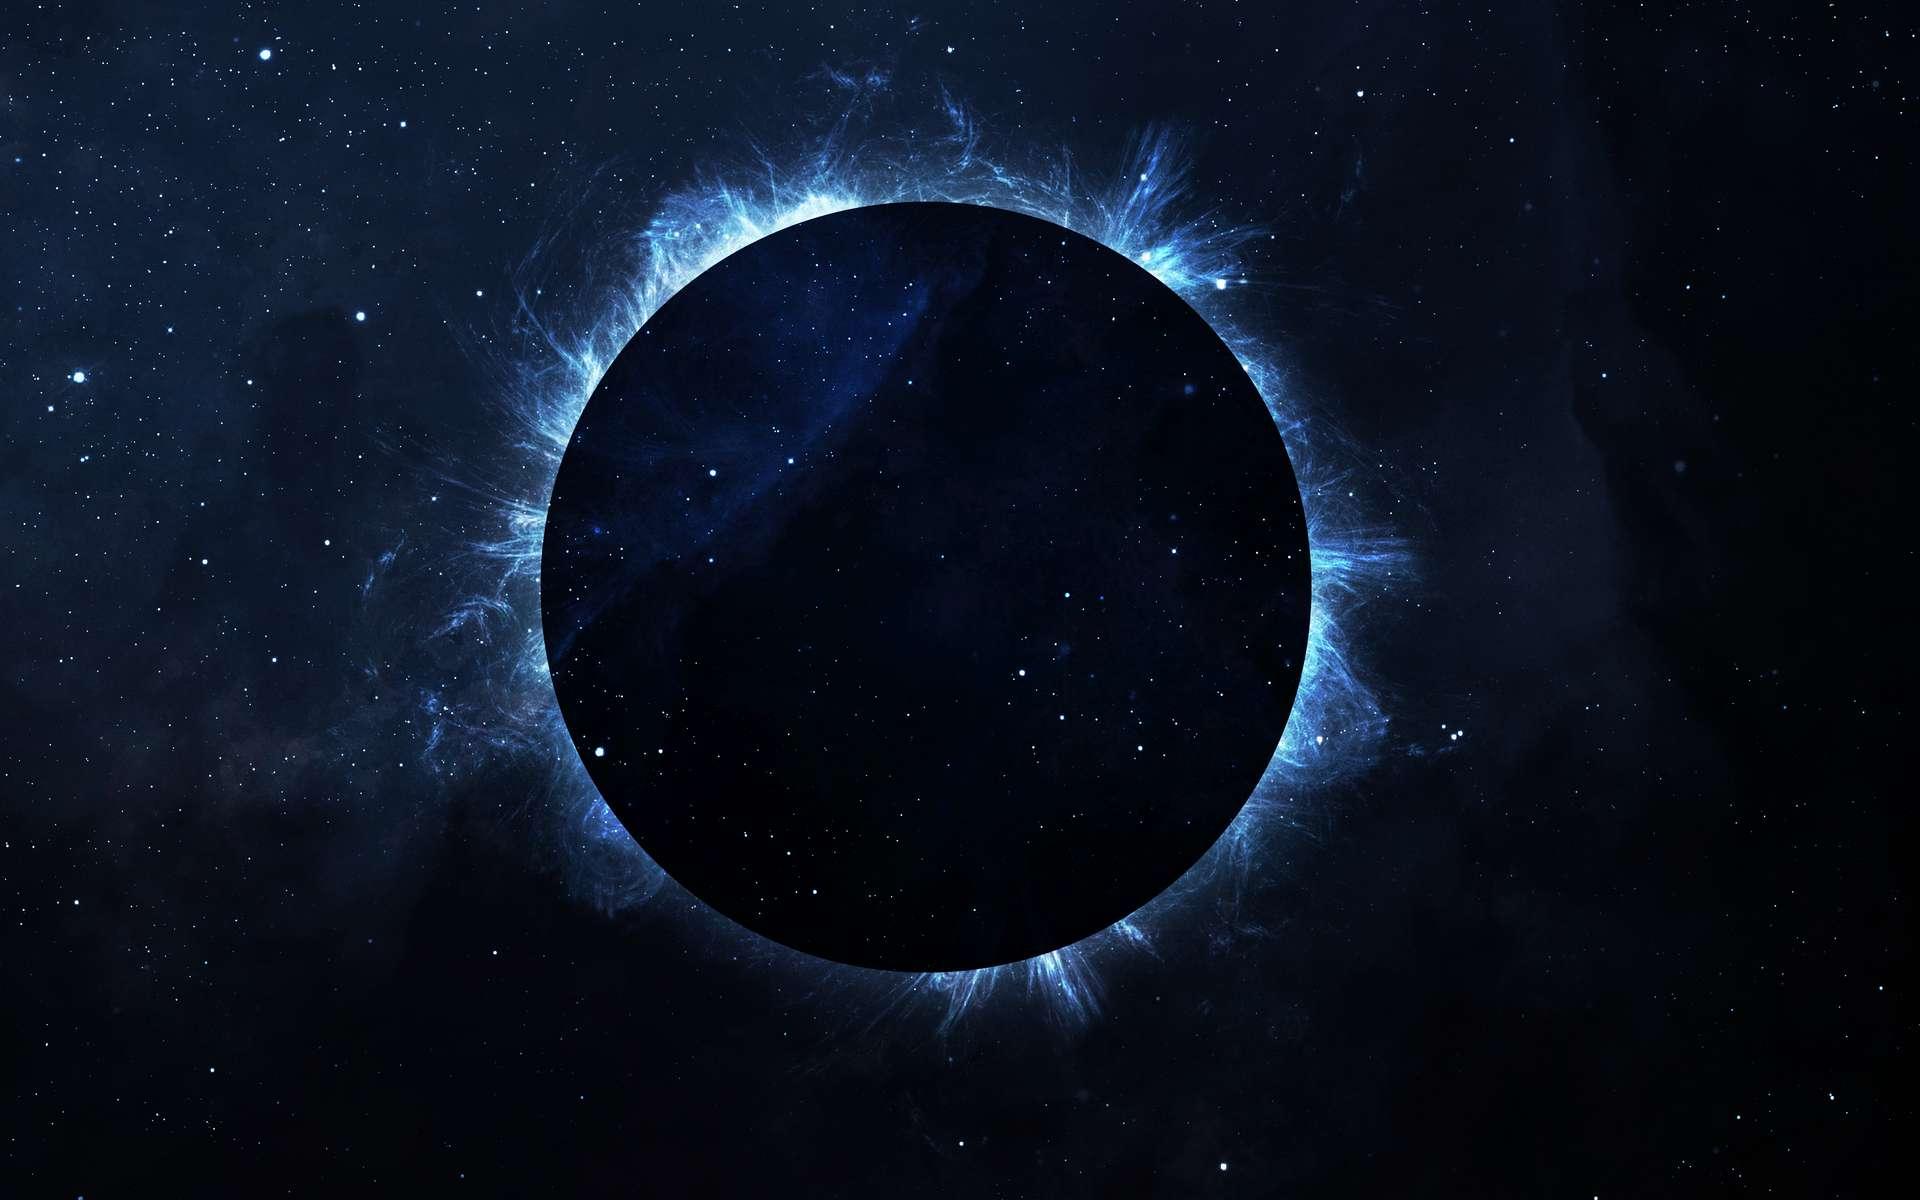 Vue de l'extérieur, la Terre est enveloppée d'un voile noir opaque. Le Spin. Elle est désormais isolée du reste de l'Univers. © Vadimsadowski, Adobe Stock